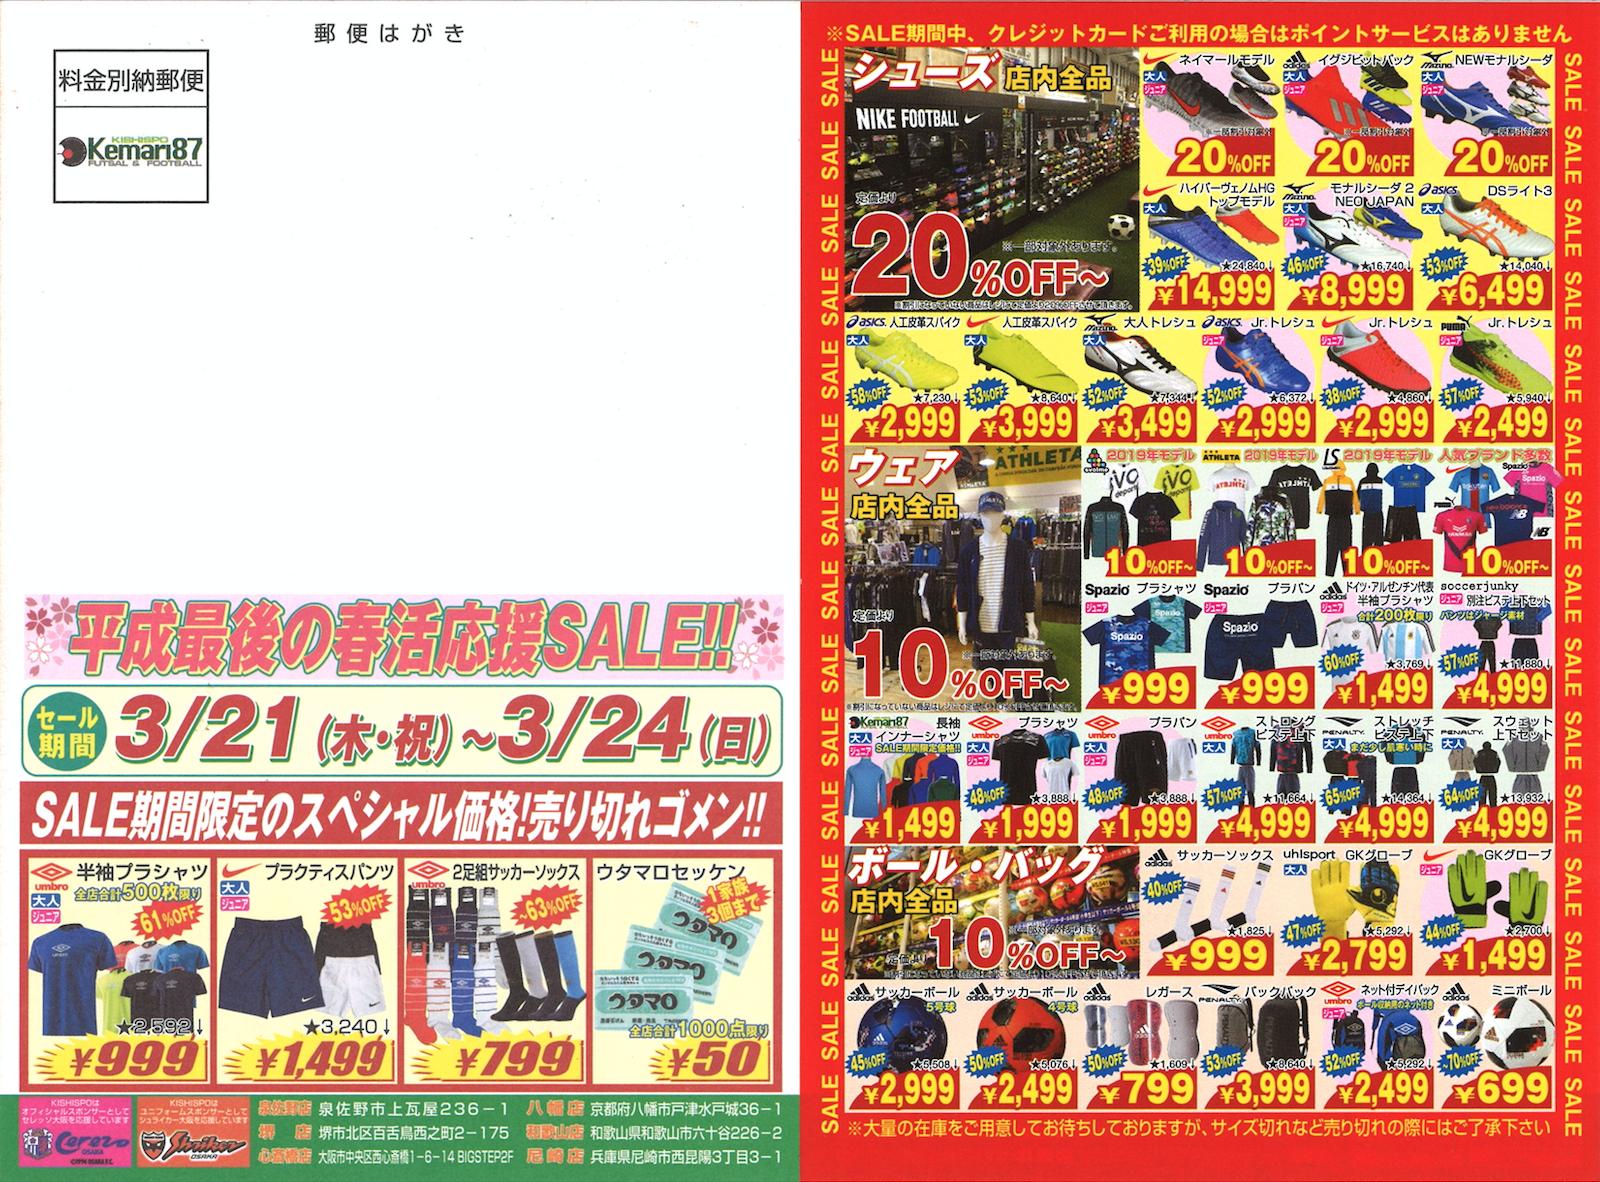 【 平成最後の春活応援SALE開催!! 】3/21~24